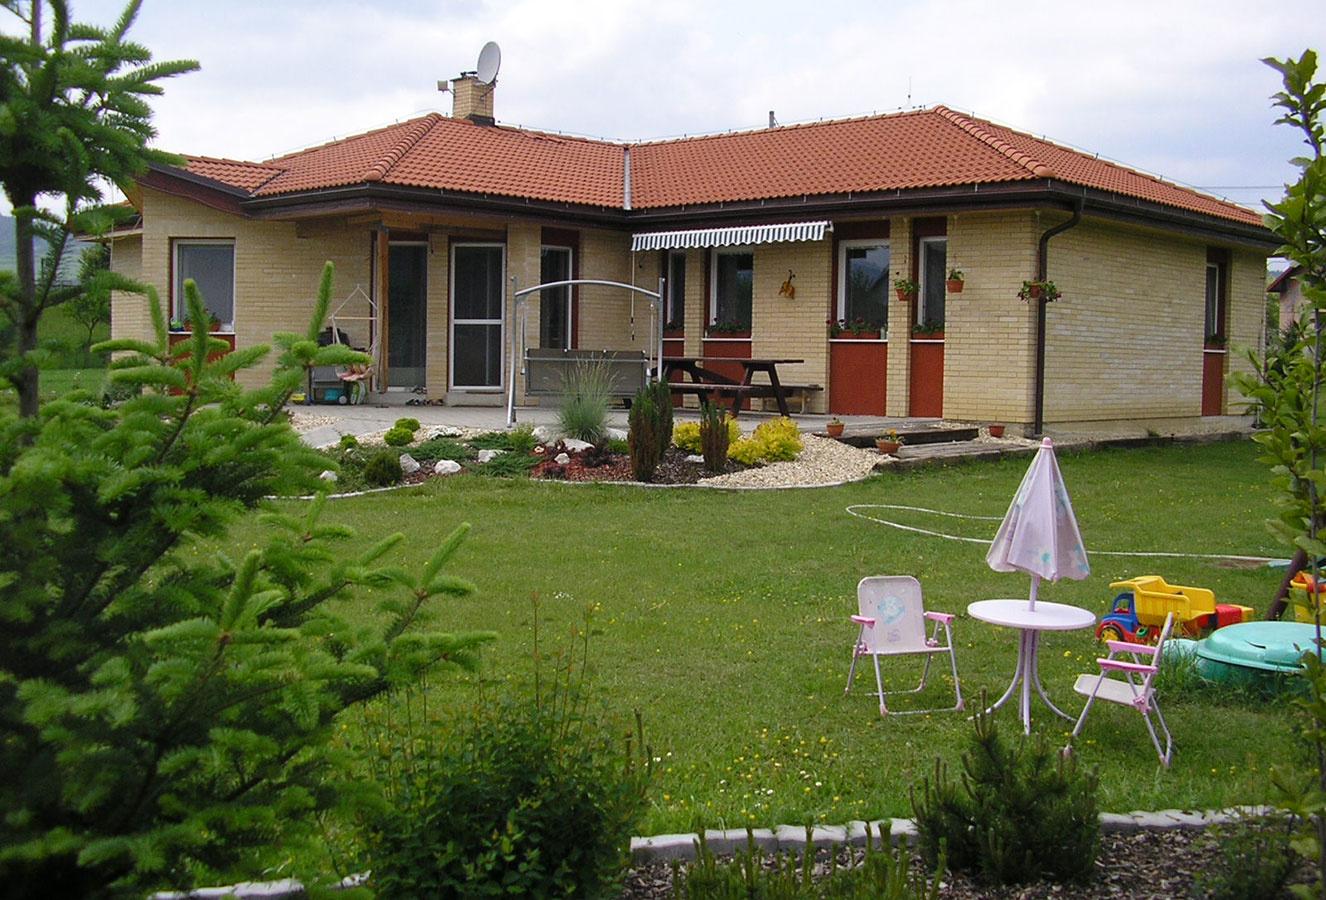 Prízemný dom s terasou, úžit. plocha 154,0 m2, osadenie na rovine